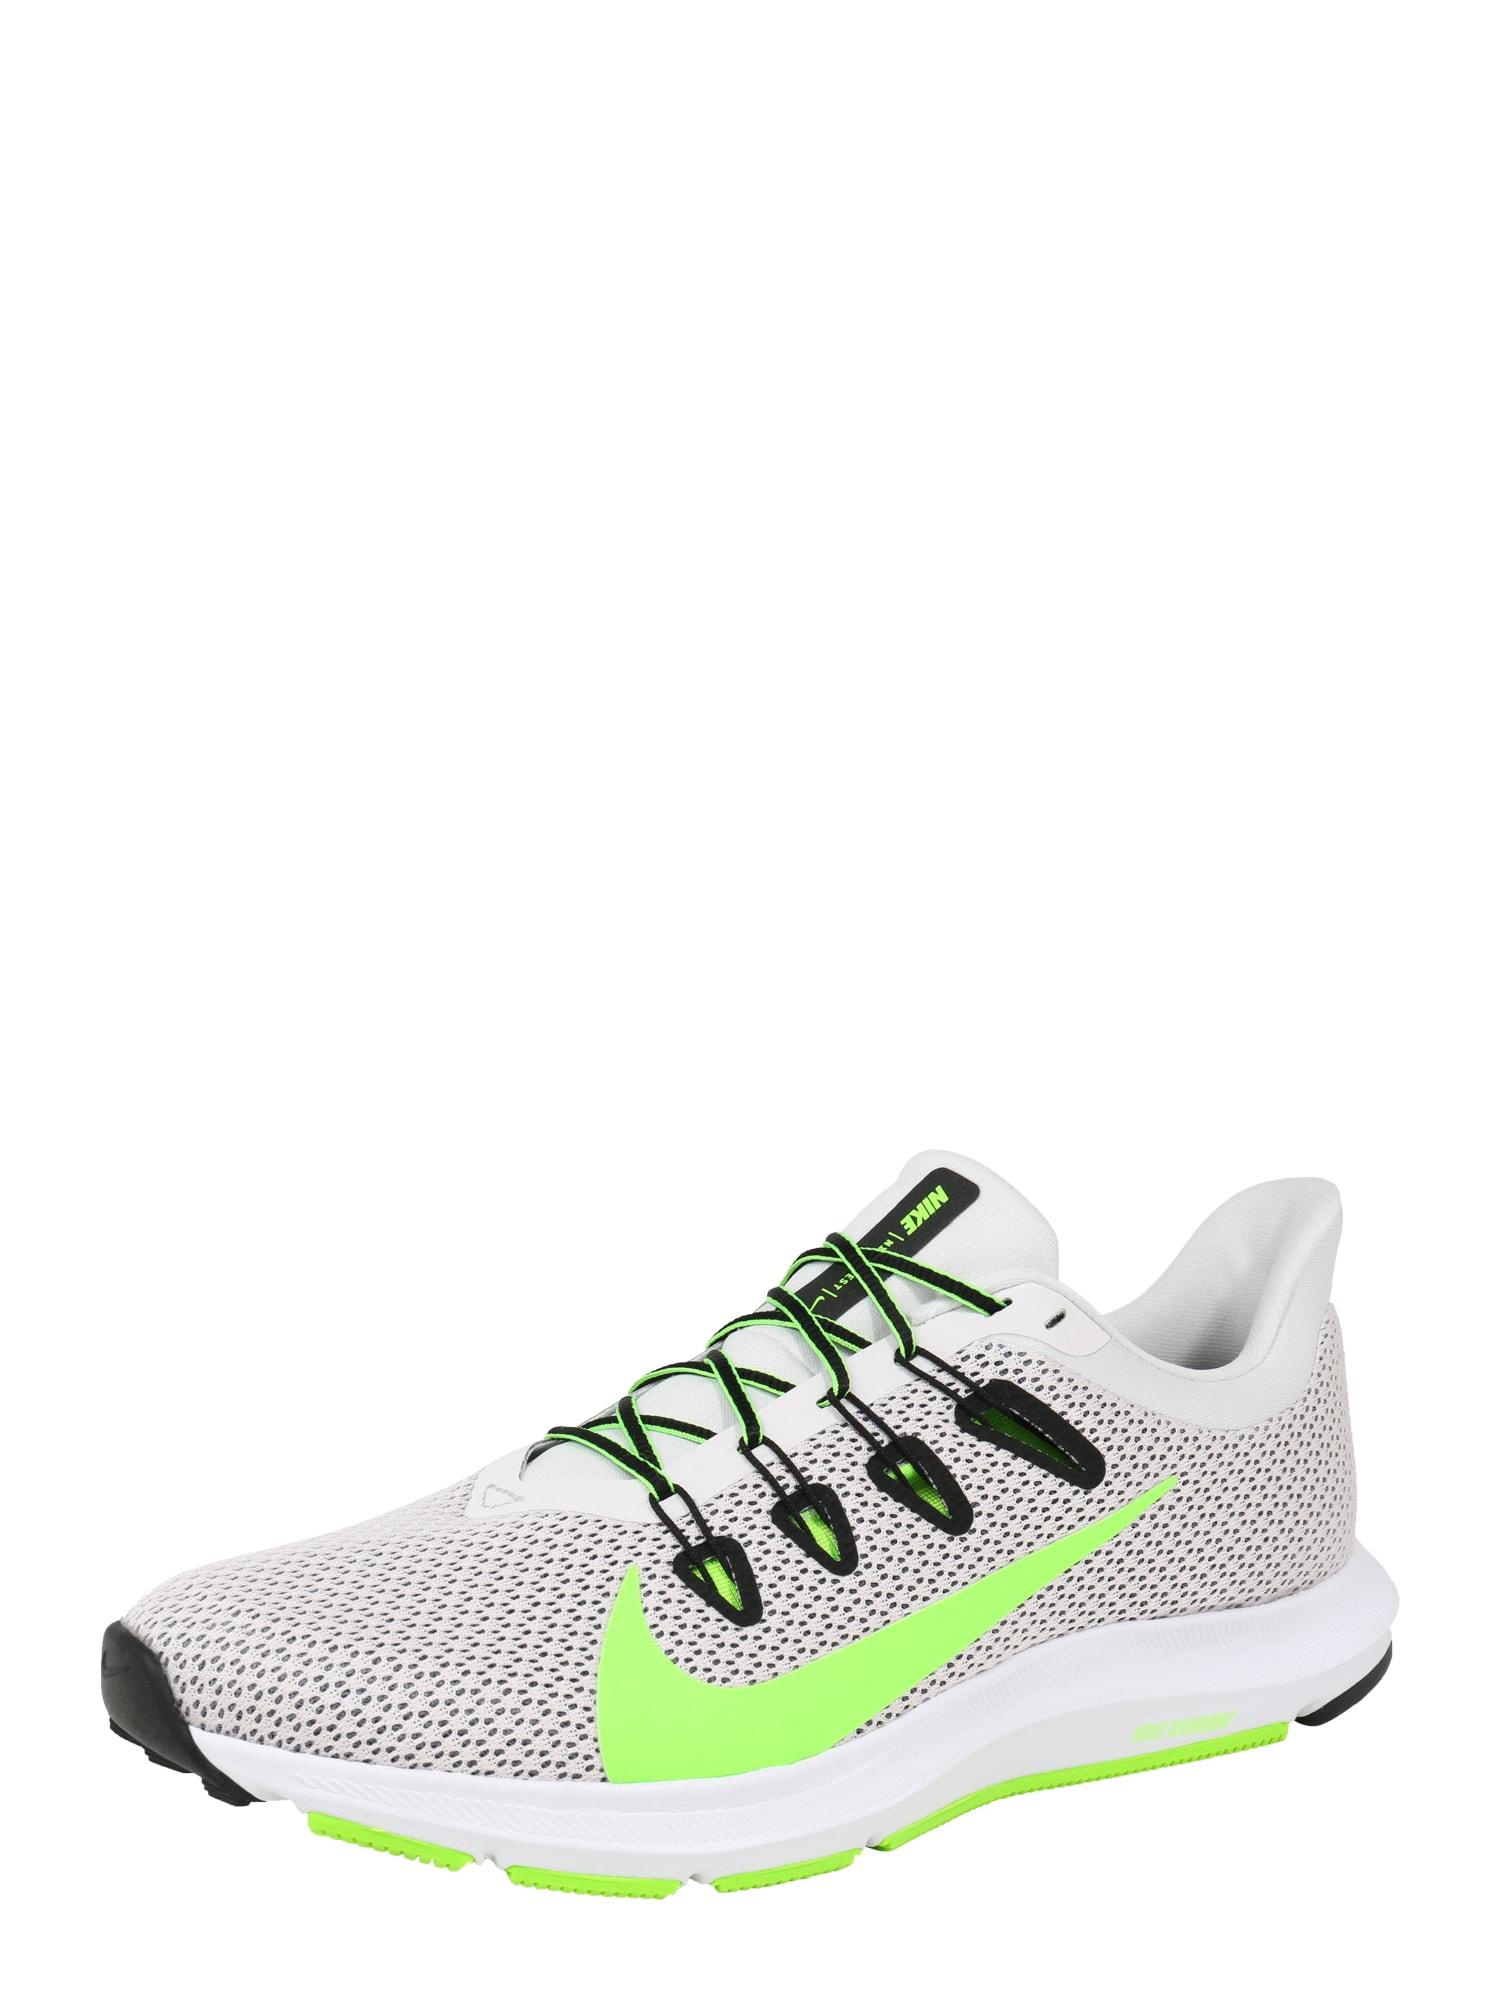 Běžecká obuv QUEST 2 svítivě zelená bílá NIKE